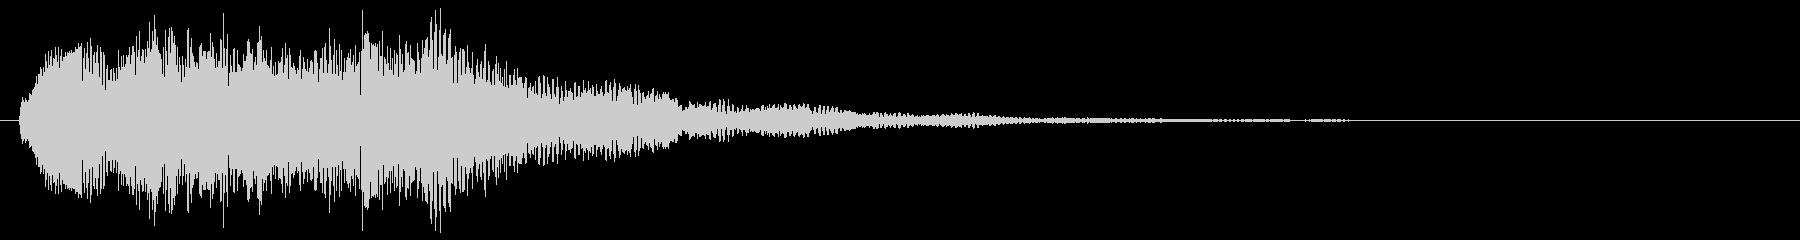 ゲームオーバー 失敗した時の音 変な音の未再生の波形